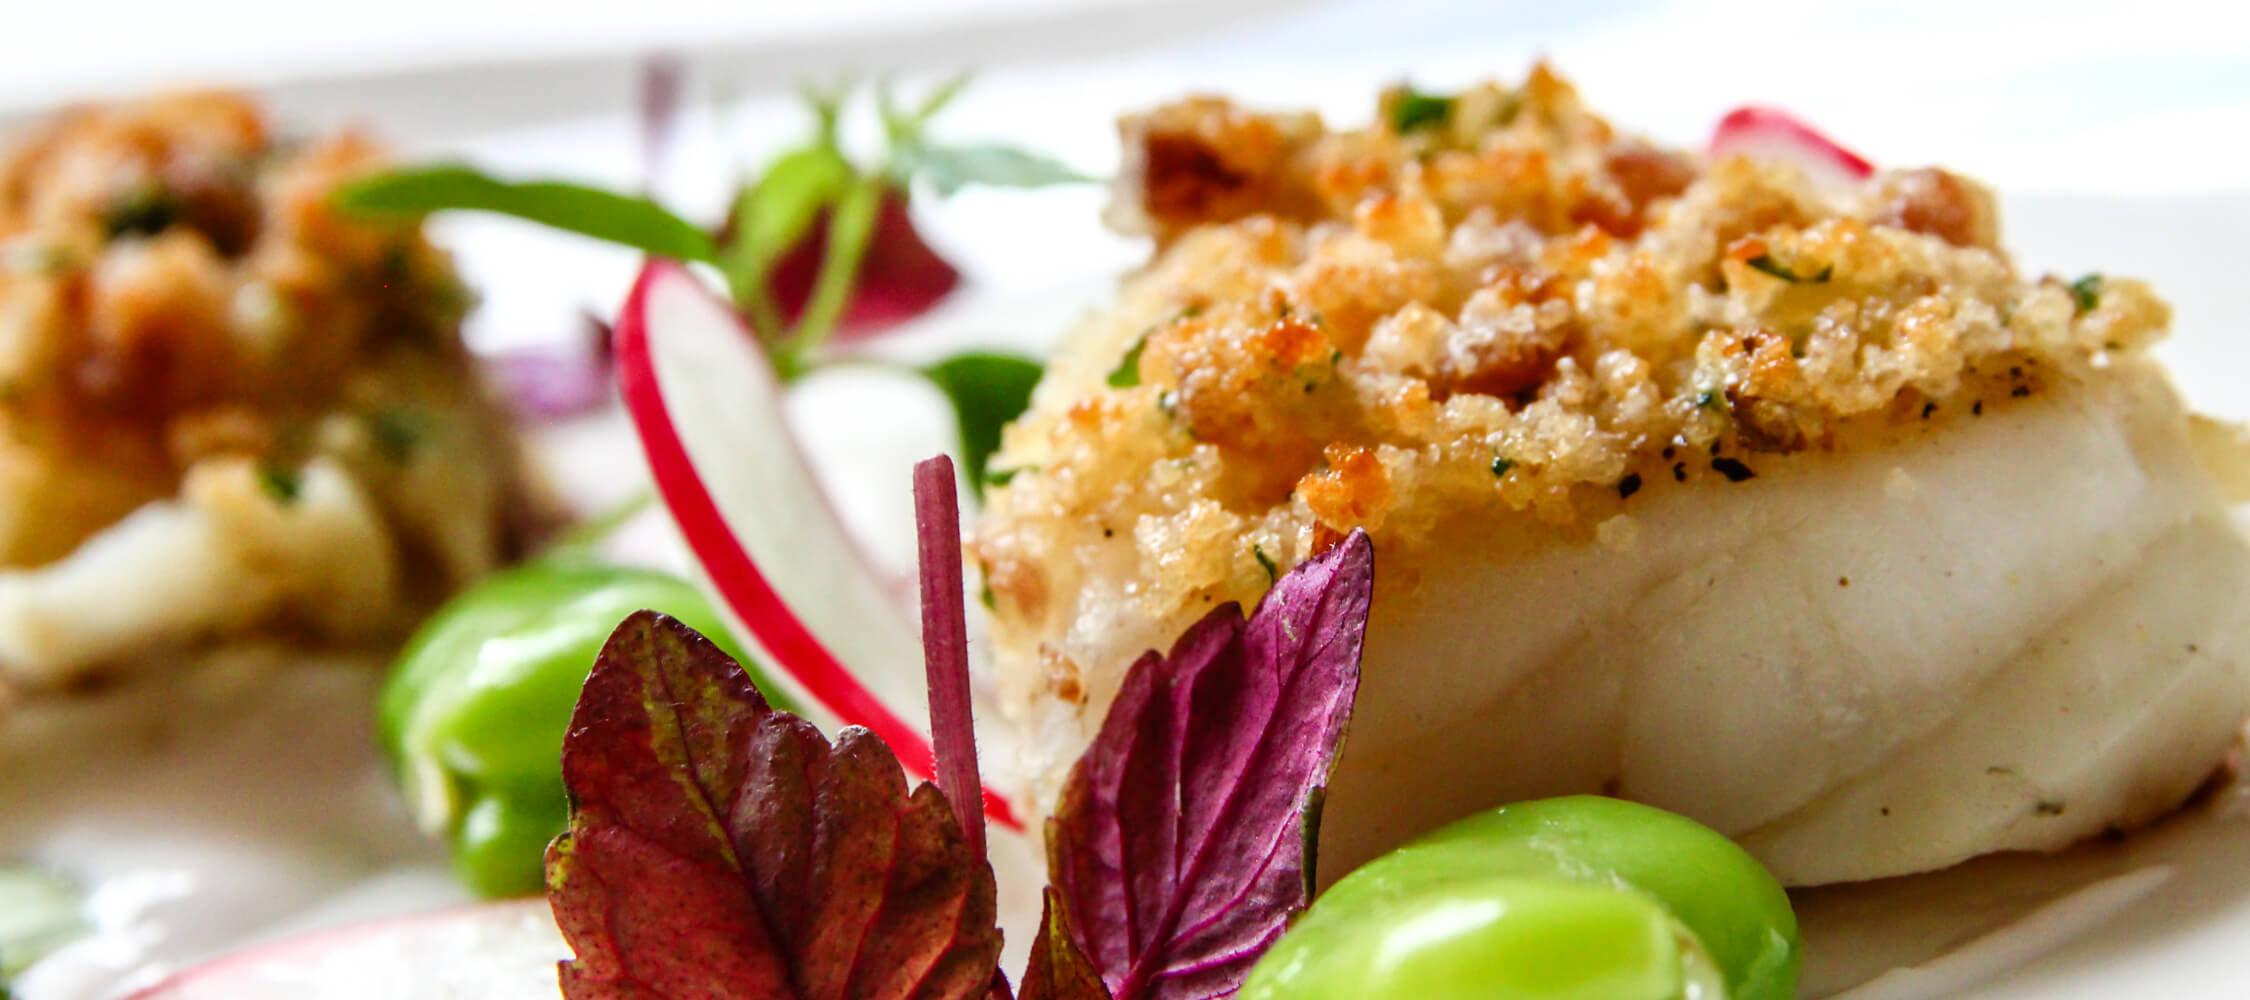 Restaurant_Tapas_Bar_The_Gallery_City_Hotel_Merano_Essen_Fisch_Vorspeise_Hauptspeise_Dinner_Abend_Menu_Anguane_1080_2250x1000